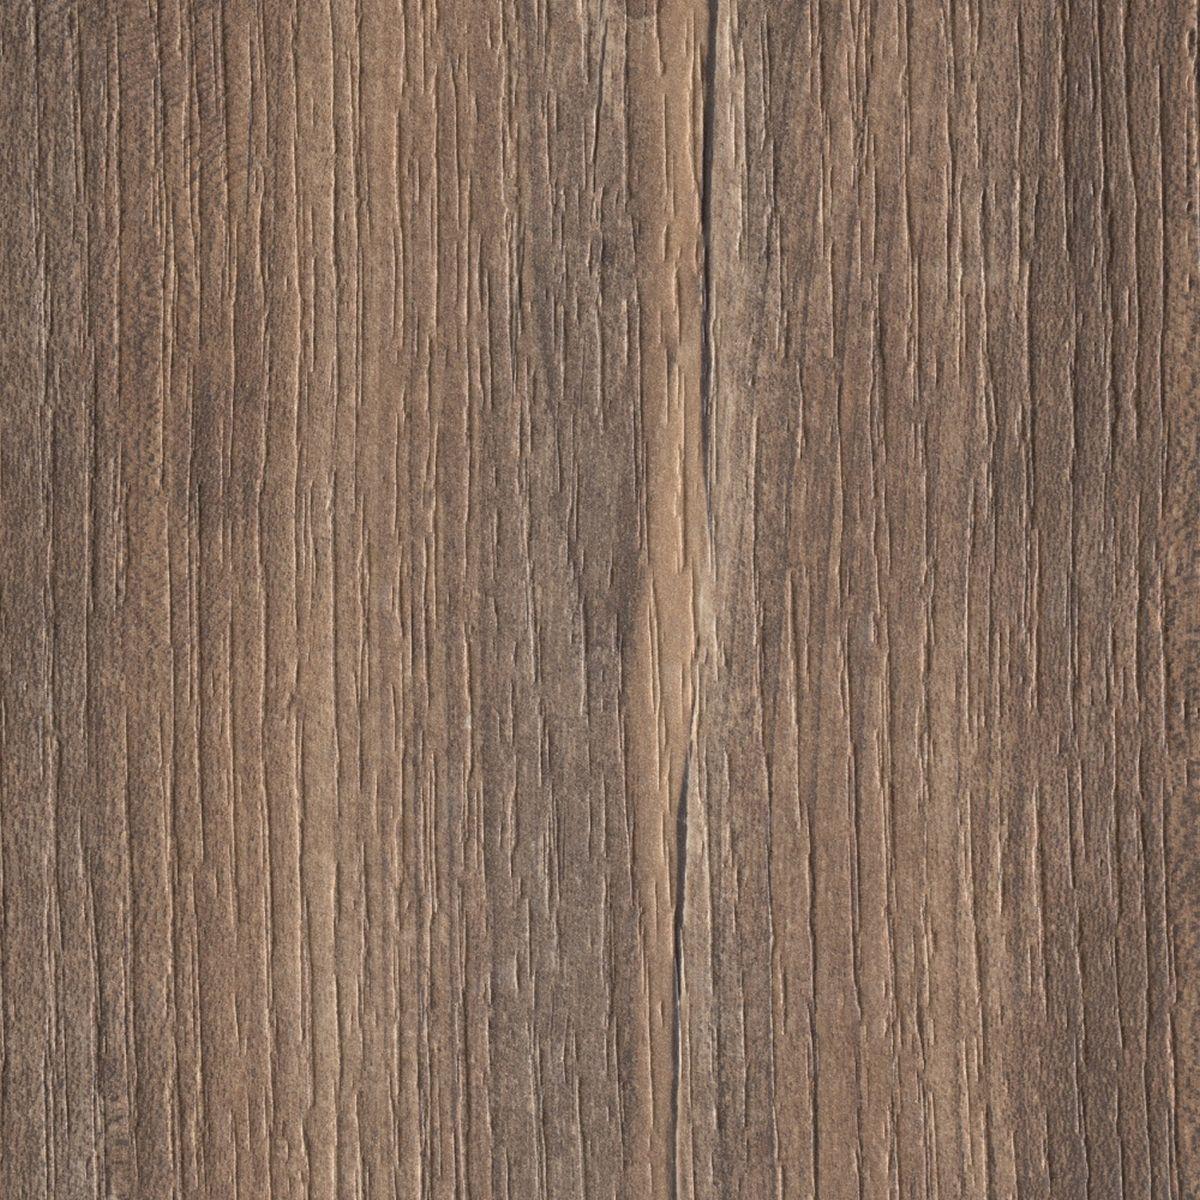 4587 ALV Славянский Дуб(древесный) PF